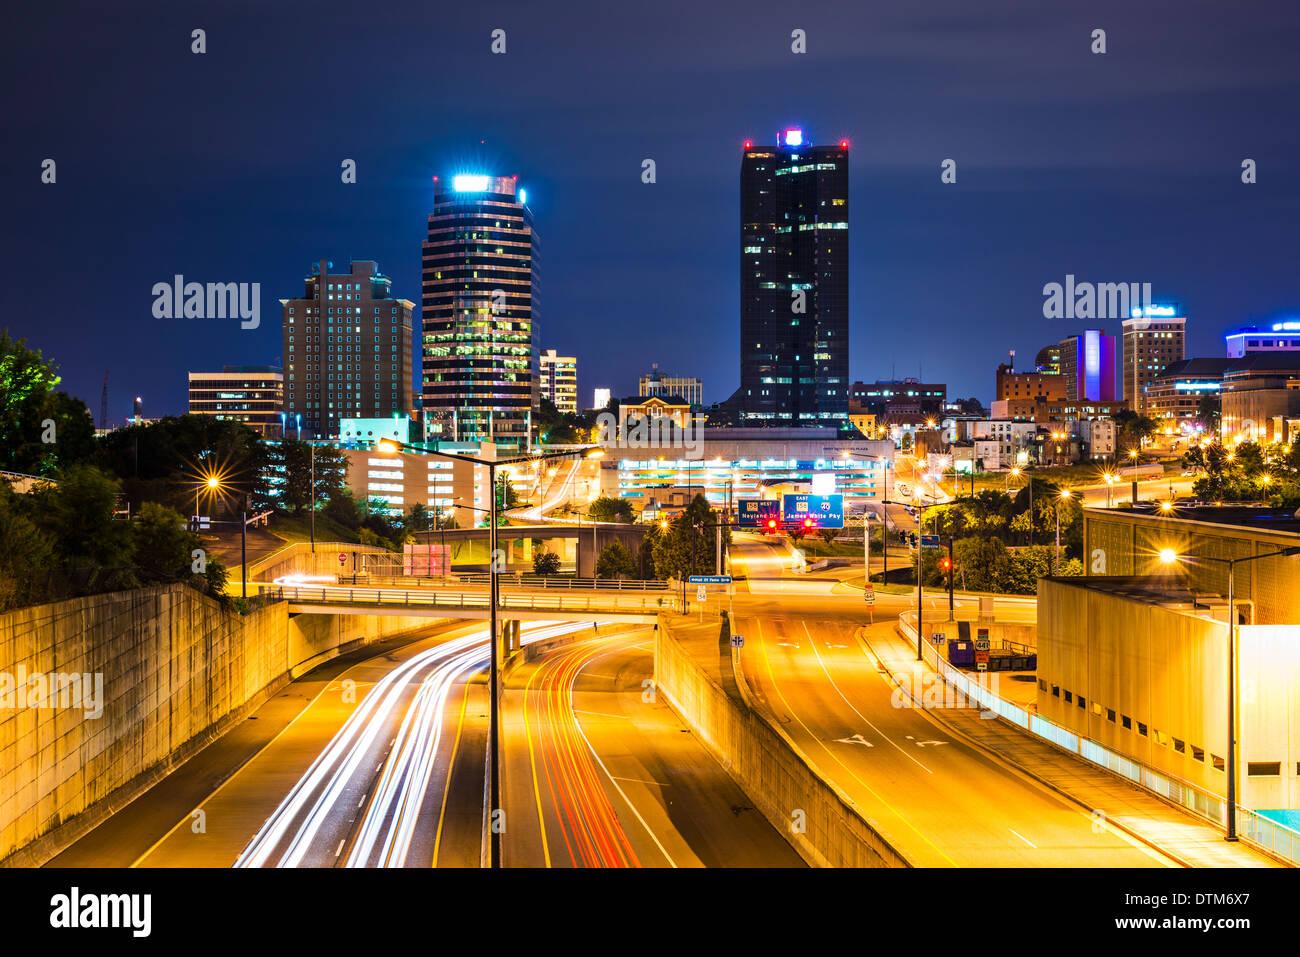 Knoxville, Tennessee, EE.UU. en el centro de la ciudad, en la noche. Imagen De Stock